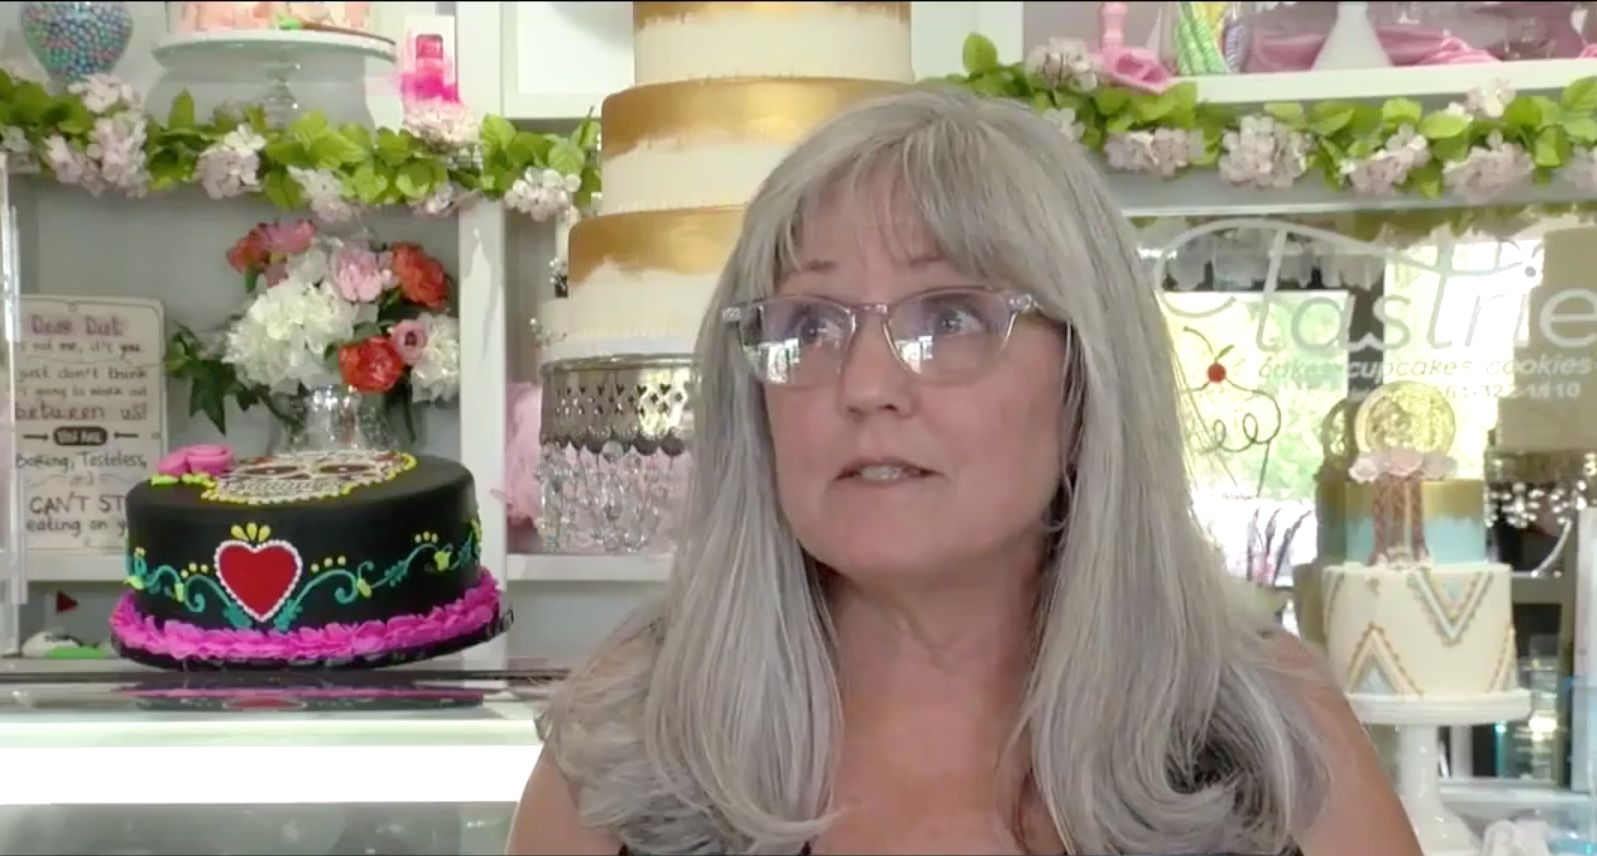 Une pâtisserie de Californie peut refuser de faire des gâteaux pour des mariages